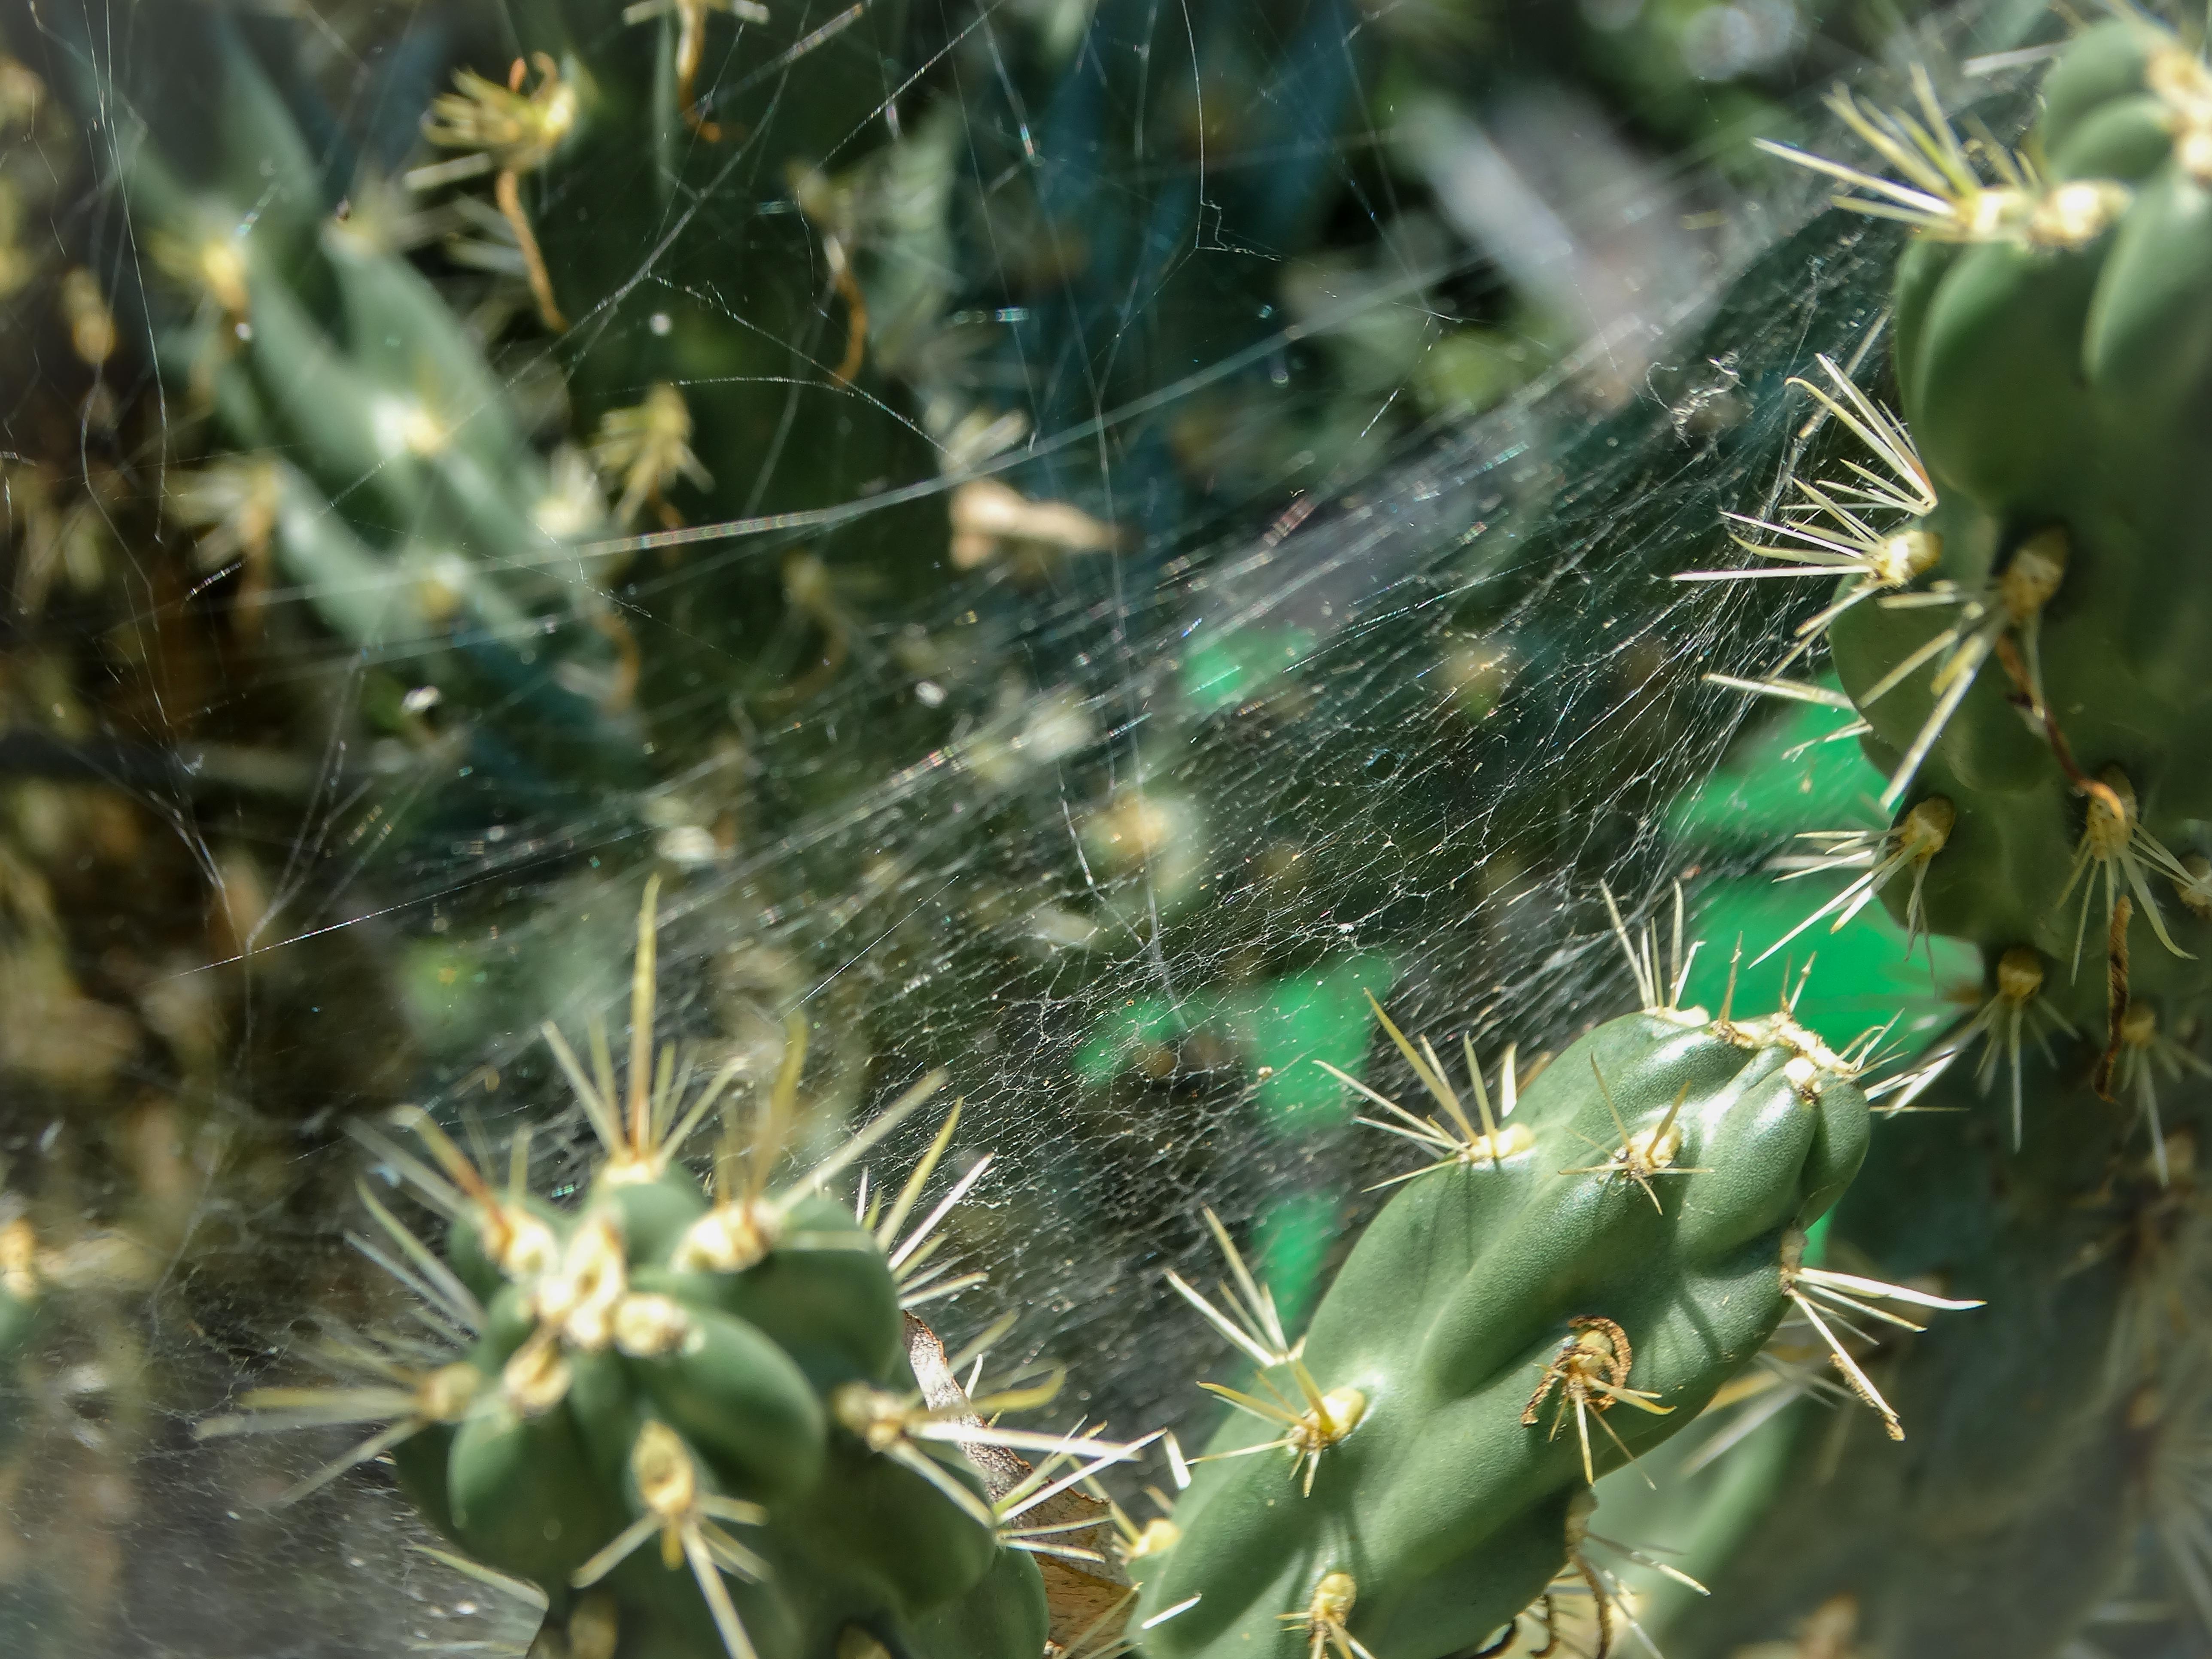 Pókháló kaktusszal 1.